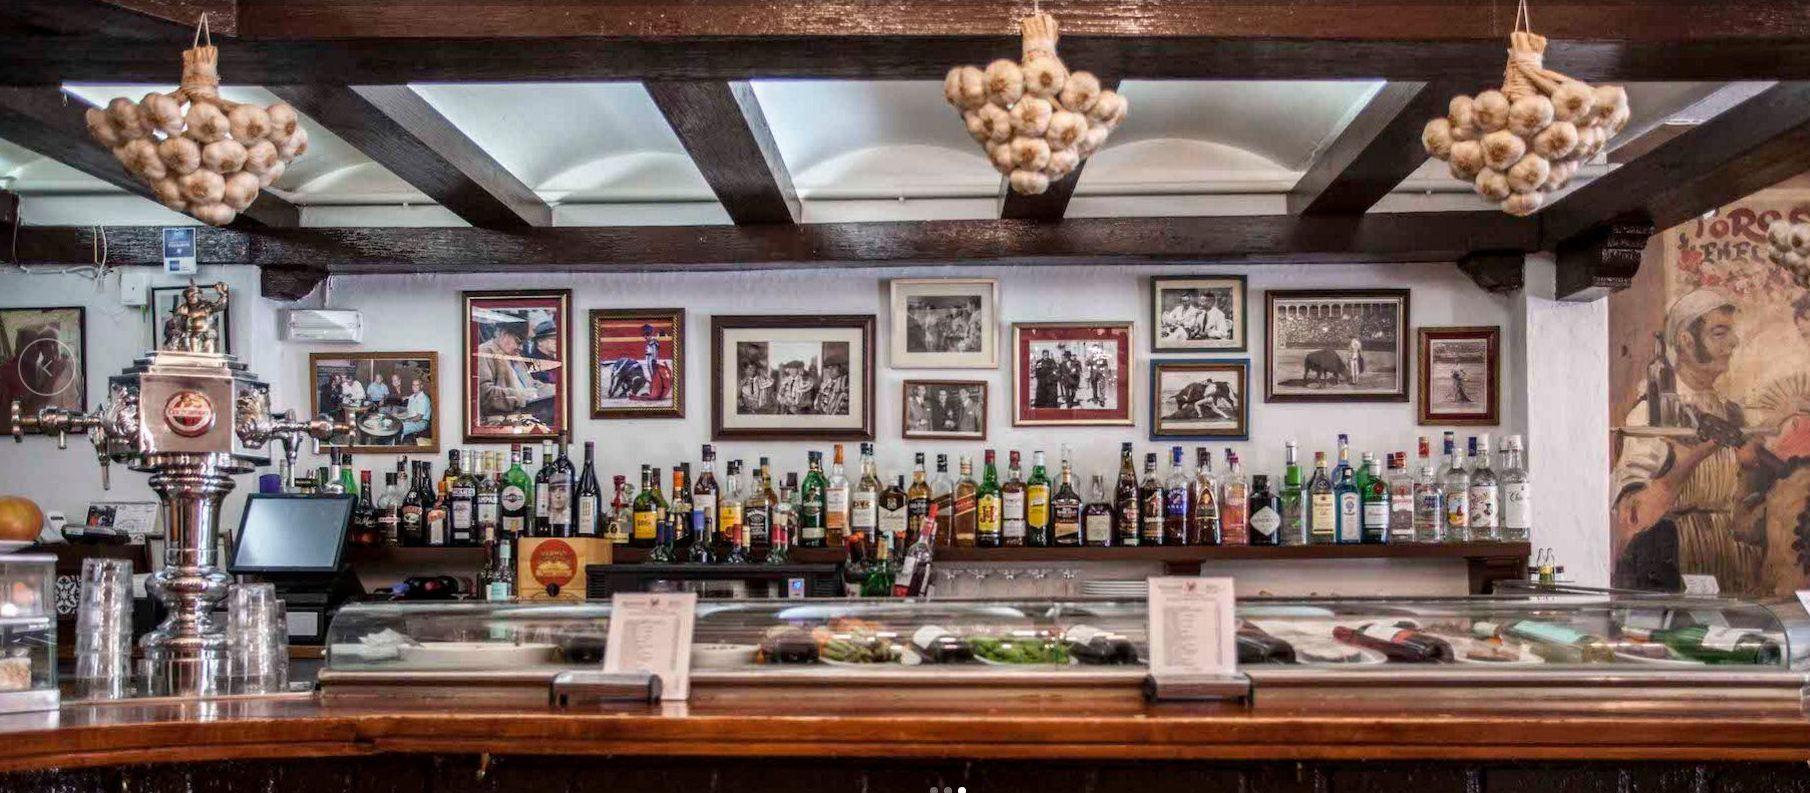 Foto 18 de Restaurante en Madrid | Restaurante Viña P